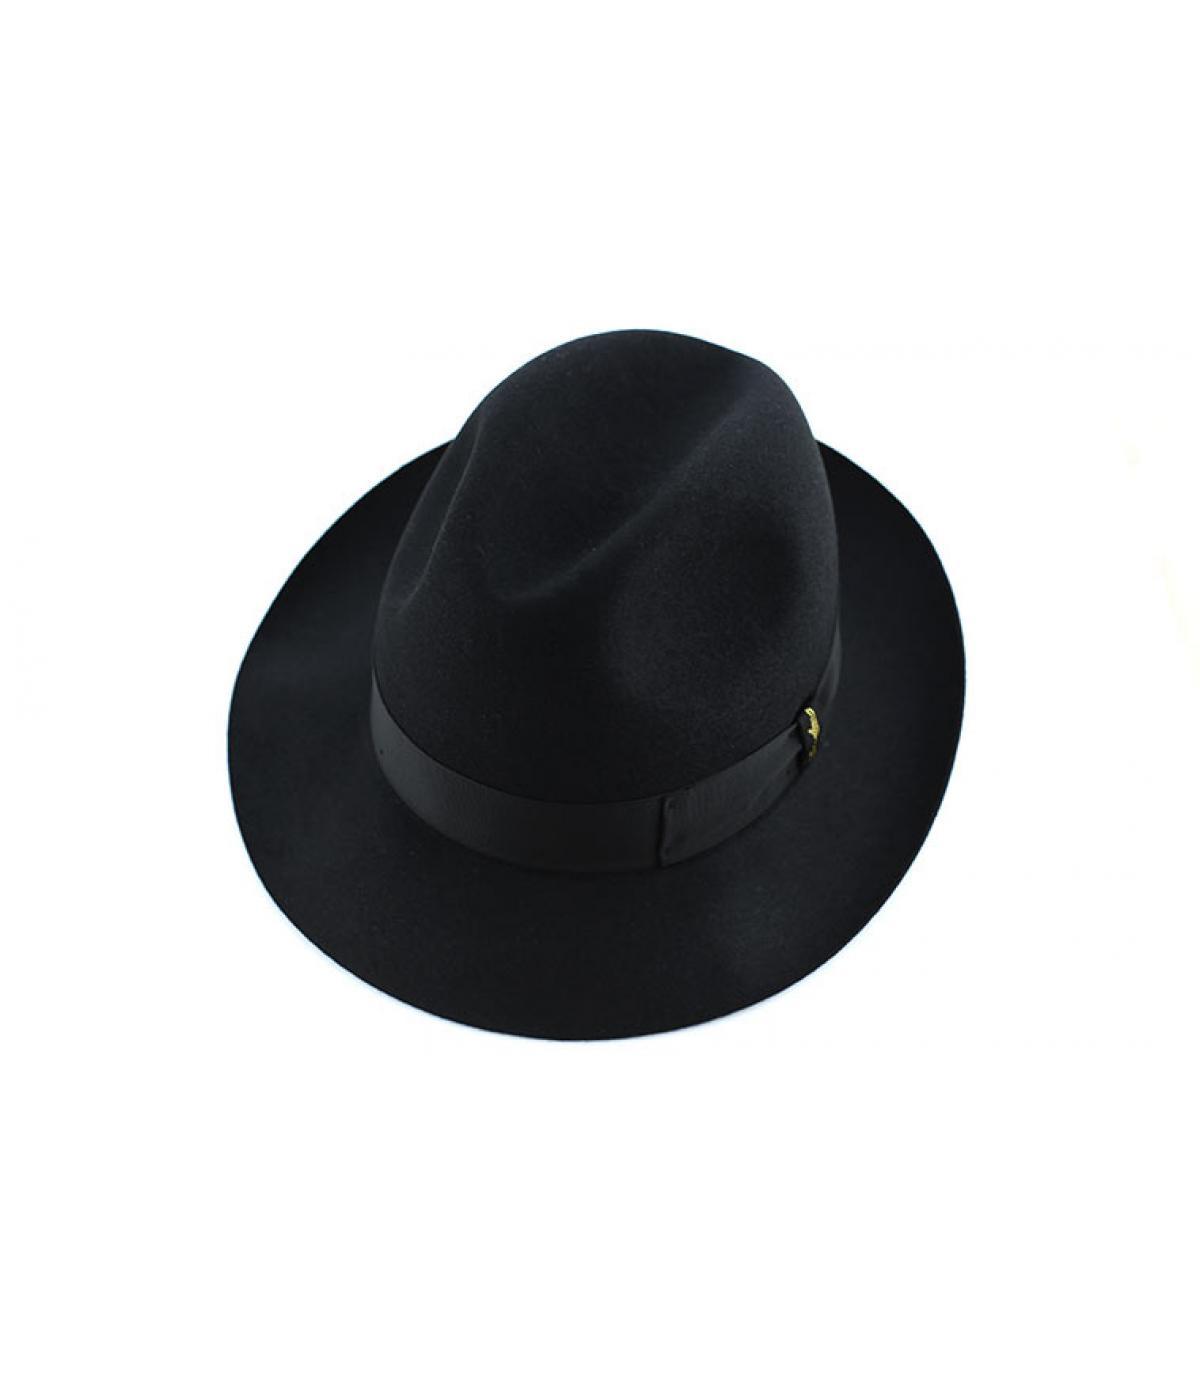 Details Marengo black fur felt hat - afbeeling 3